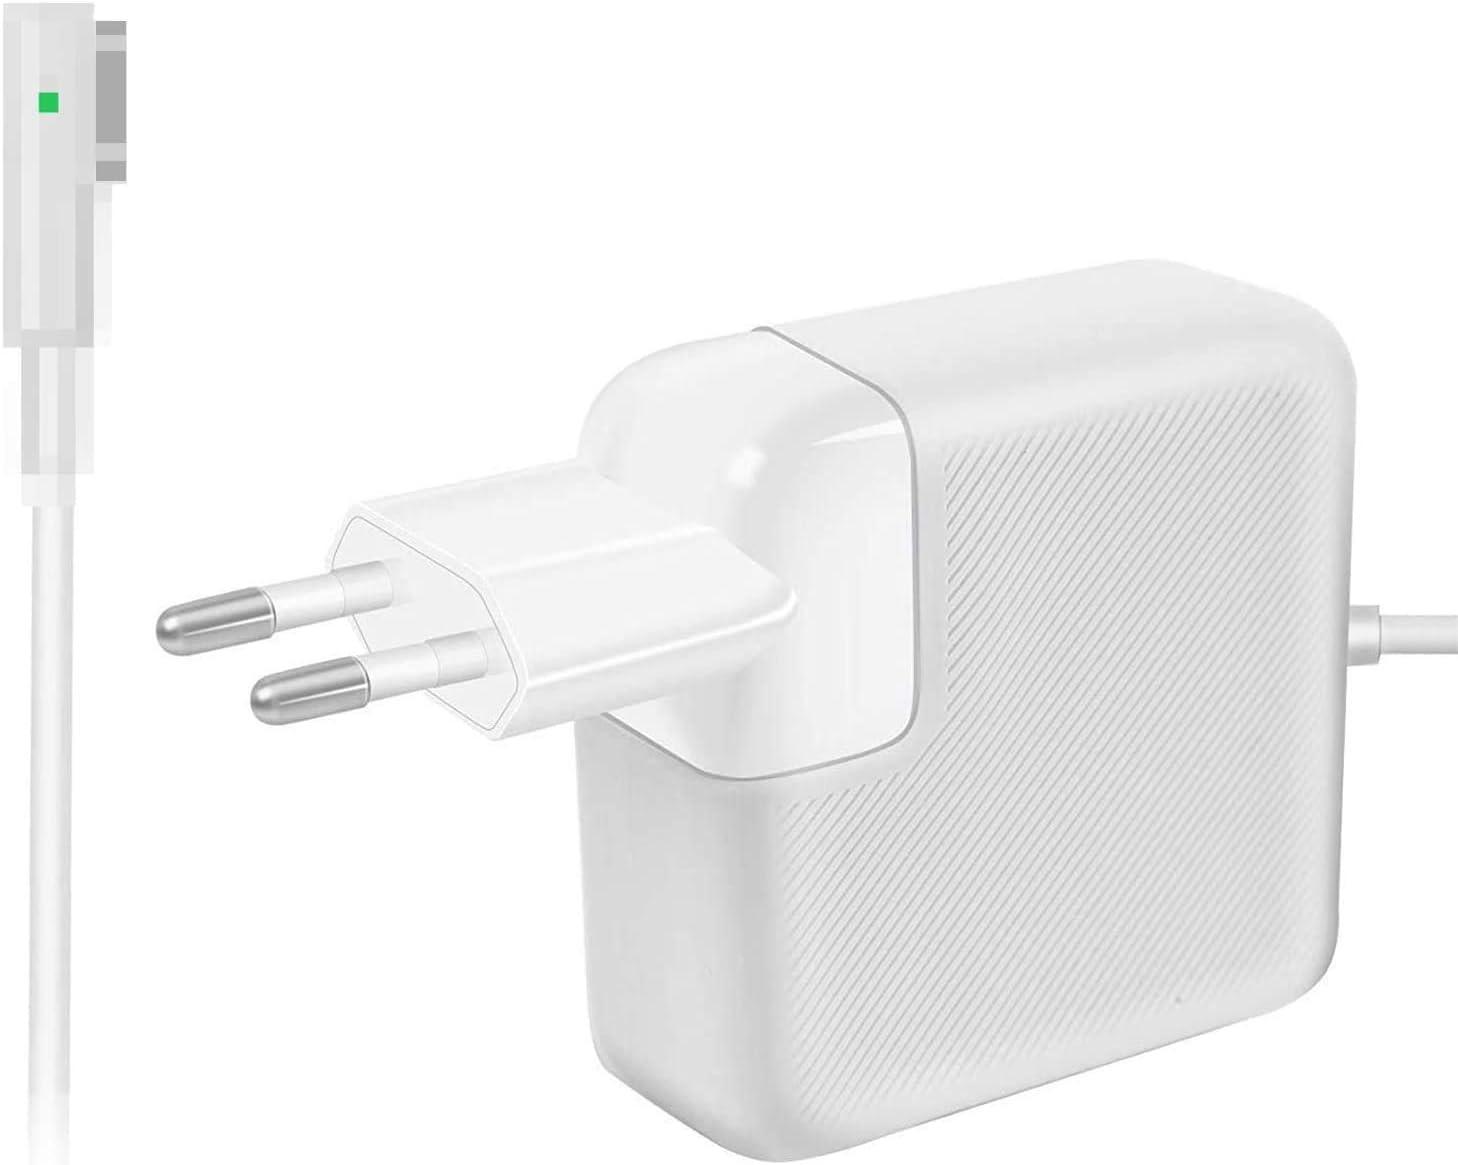 AndMore Cargador Compatible con Mac Pro, Cargador Mac 60W 1 Forma de L Adaptador de Corriente (para Mac Mac Pro 11